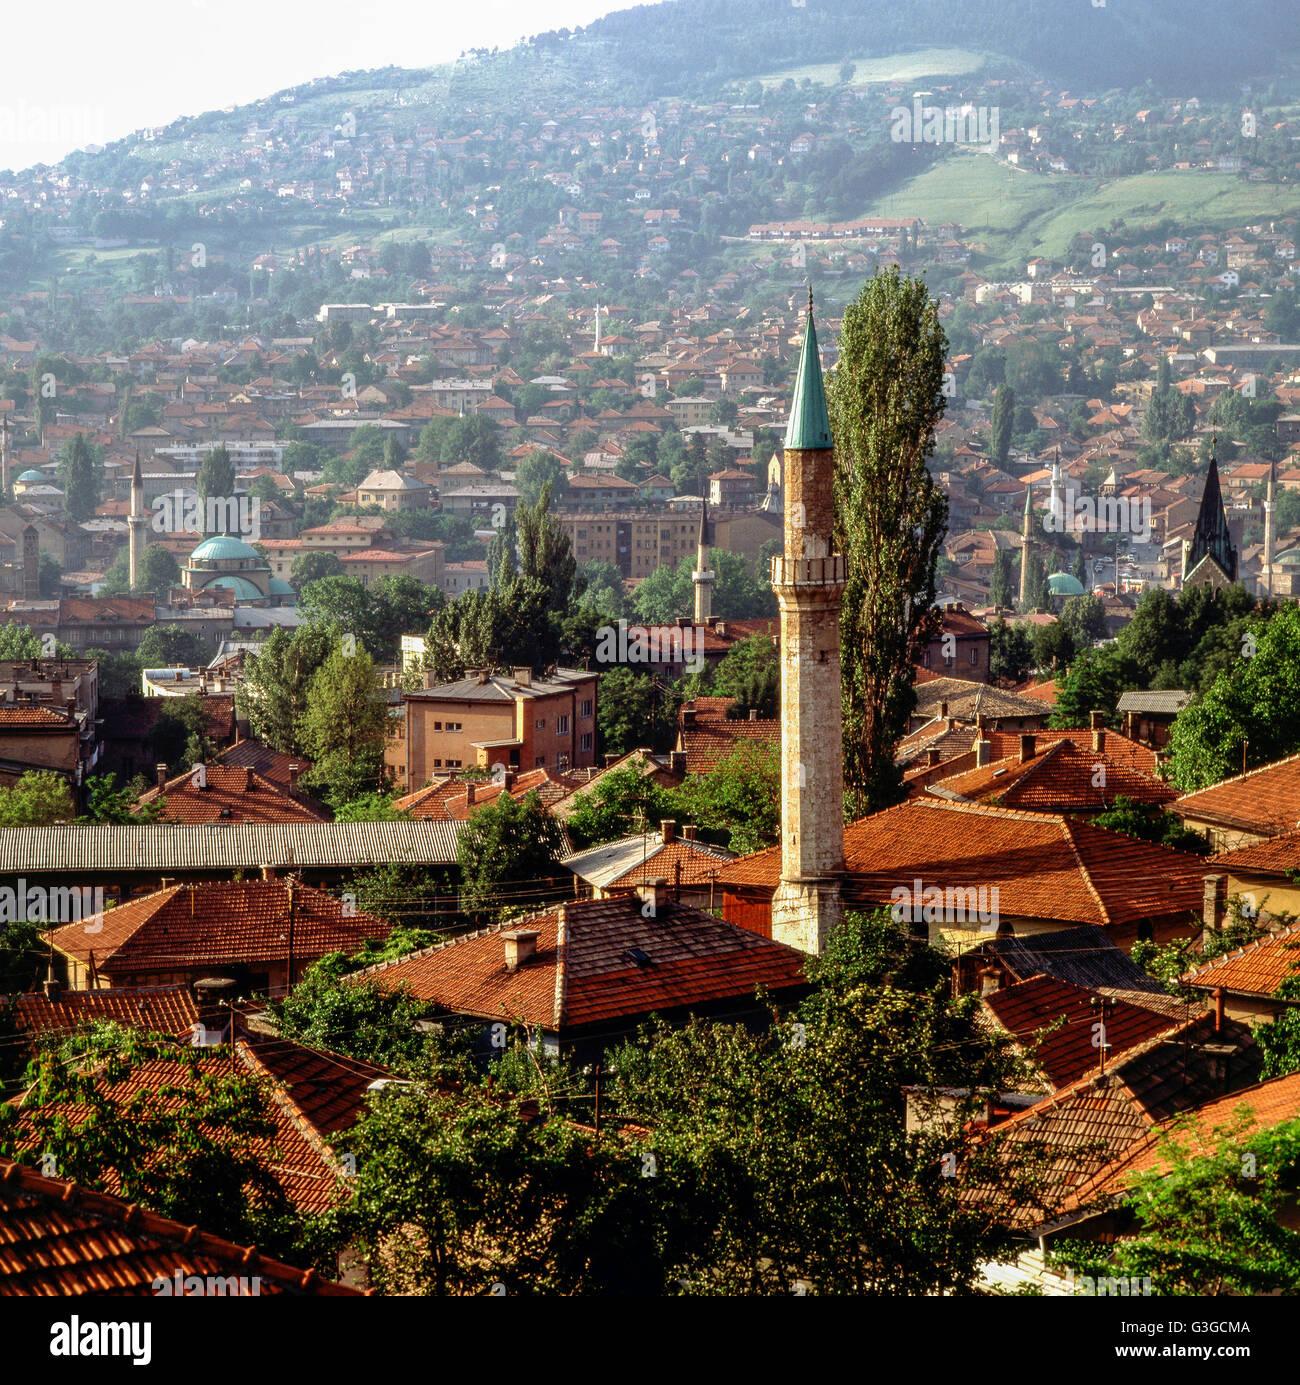 Sarajevo, Bosnia-Herzegovina - Stock Image